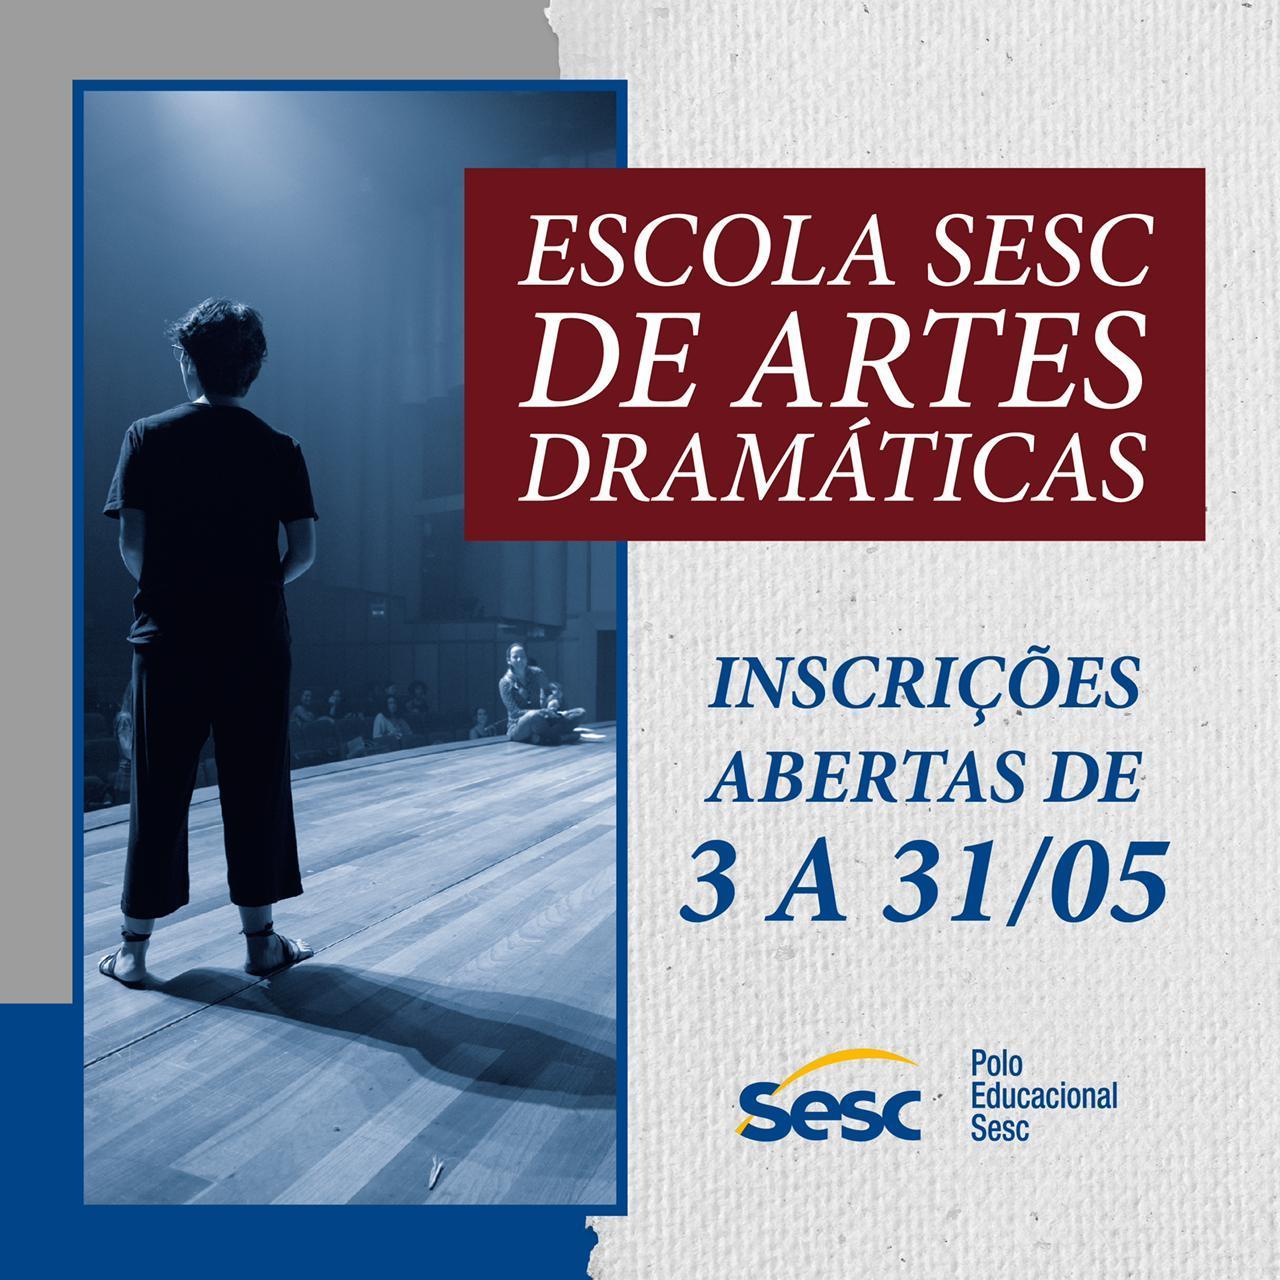 Escola Sesc de Artes Dramáticas abre vagas gratuitas para qualificação profissional de atores e atrizes